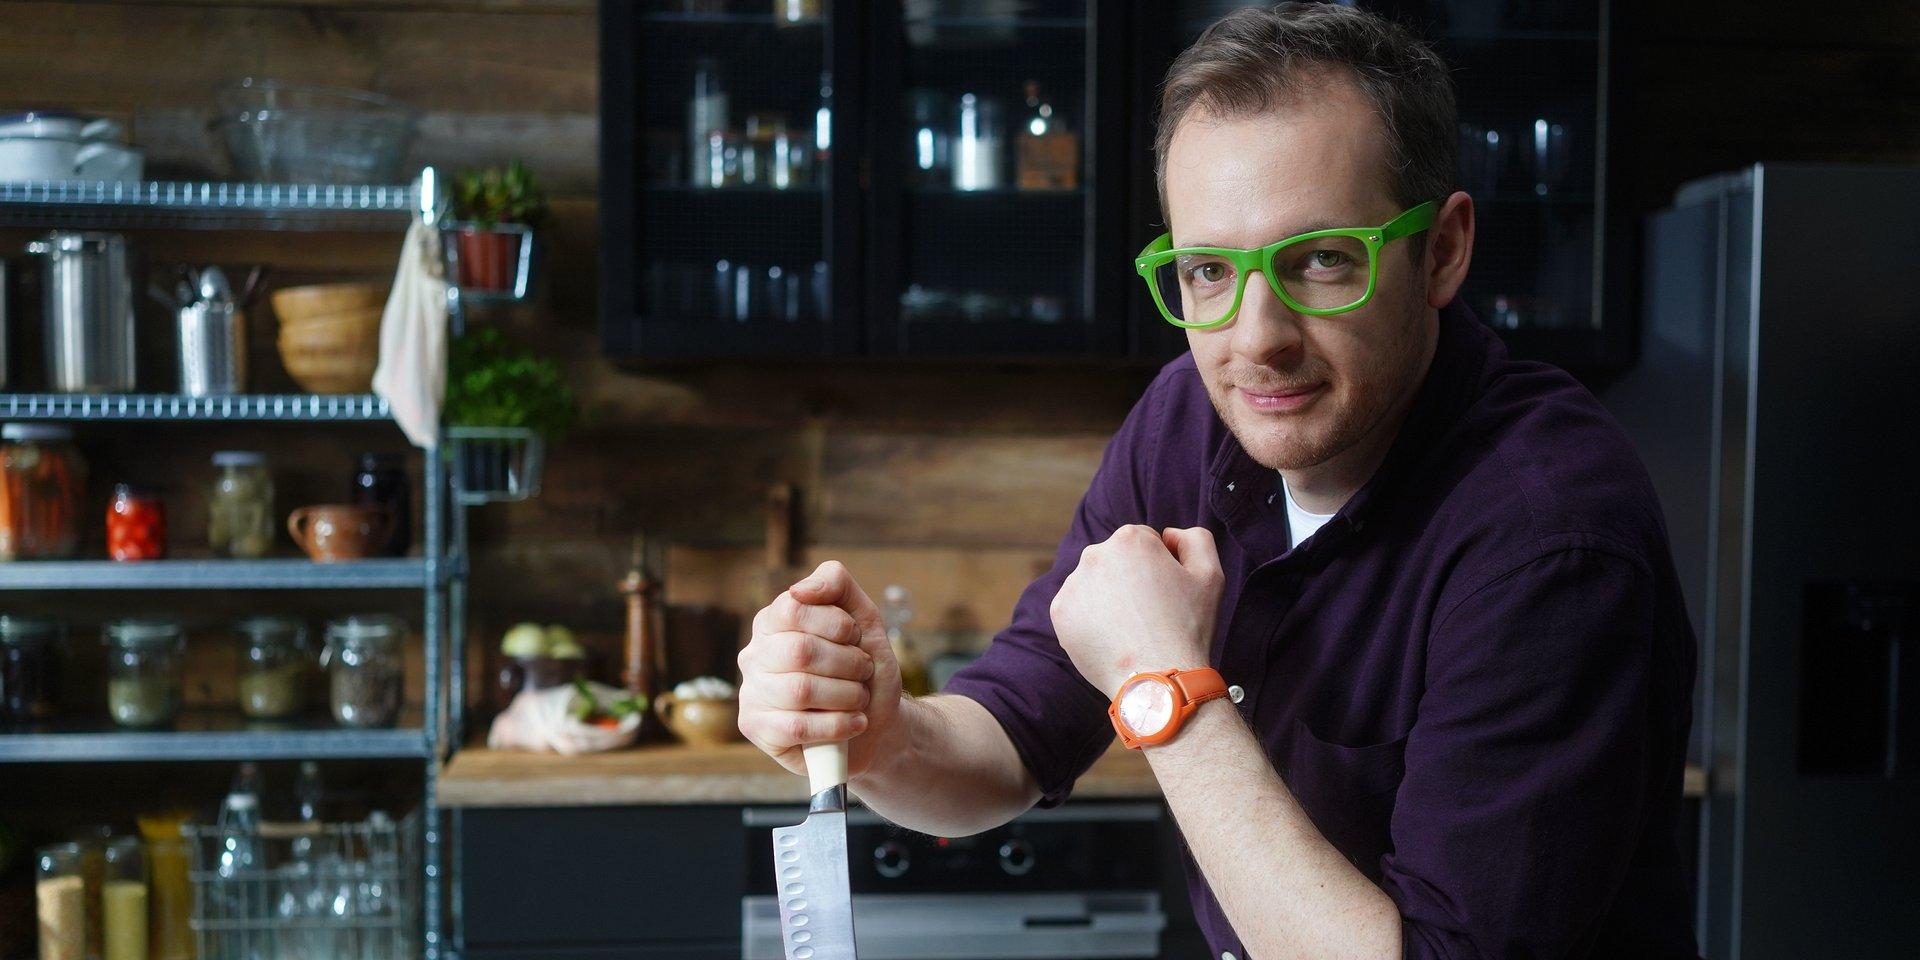 Program Tadeusza Müllera na antenie Food Network już 12 maja!